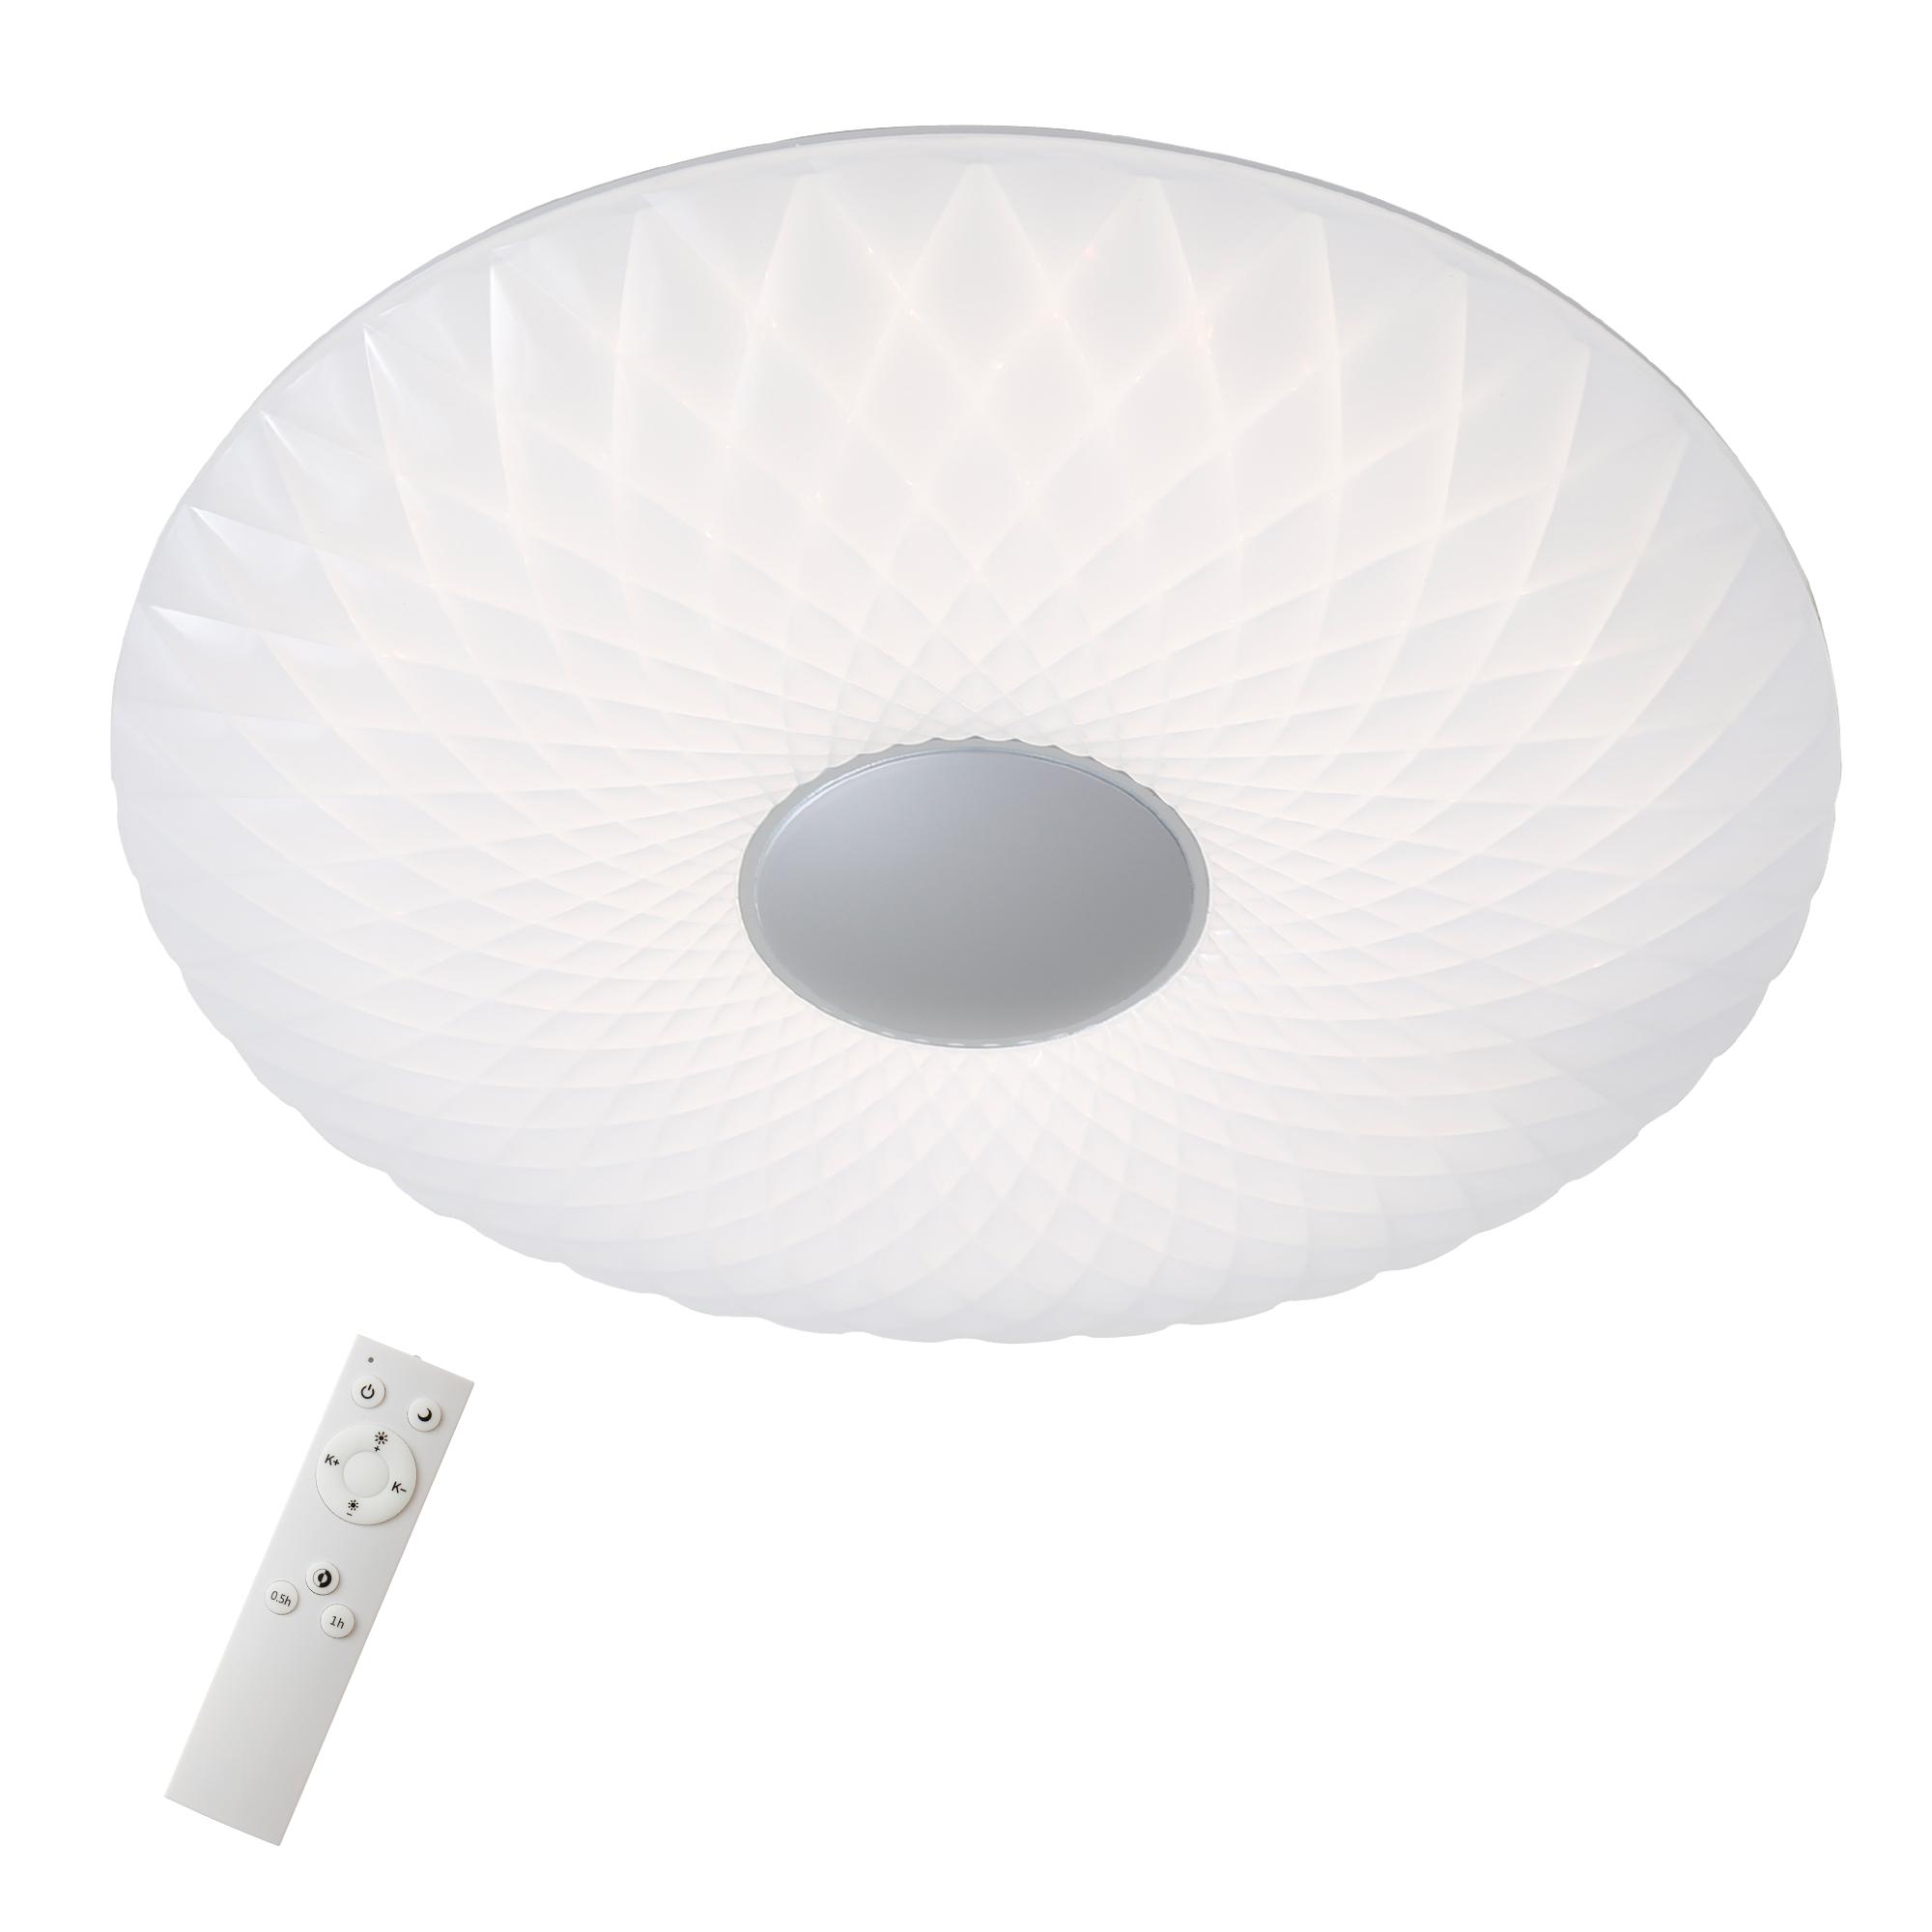 LED Deckenleuchte, Ø 51 cm, 60 W, Weiß